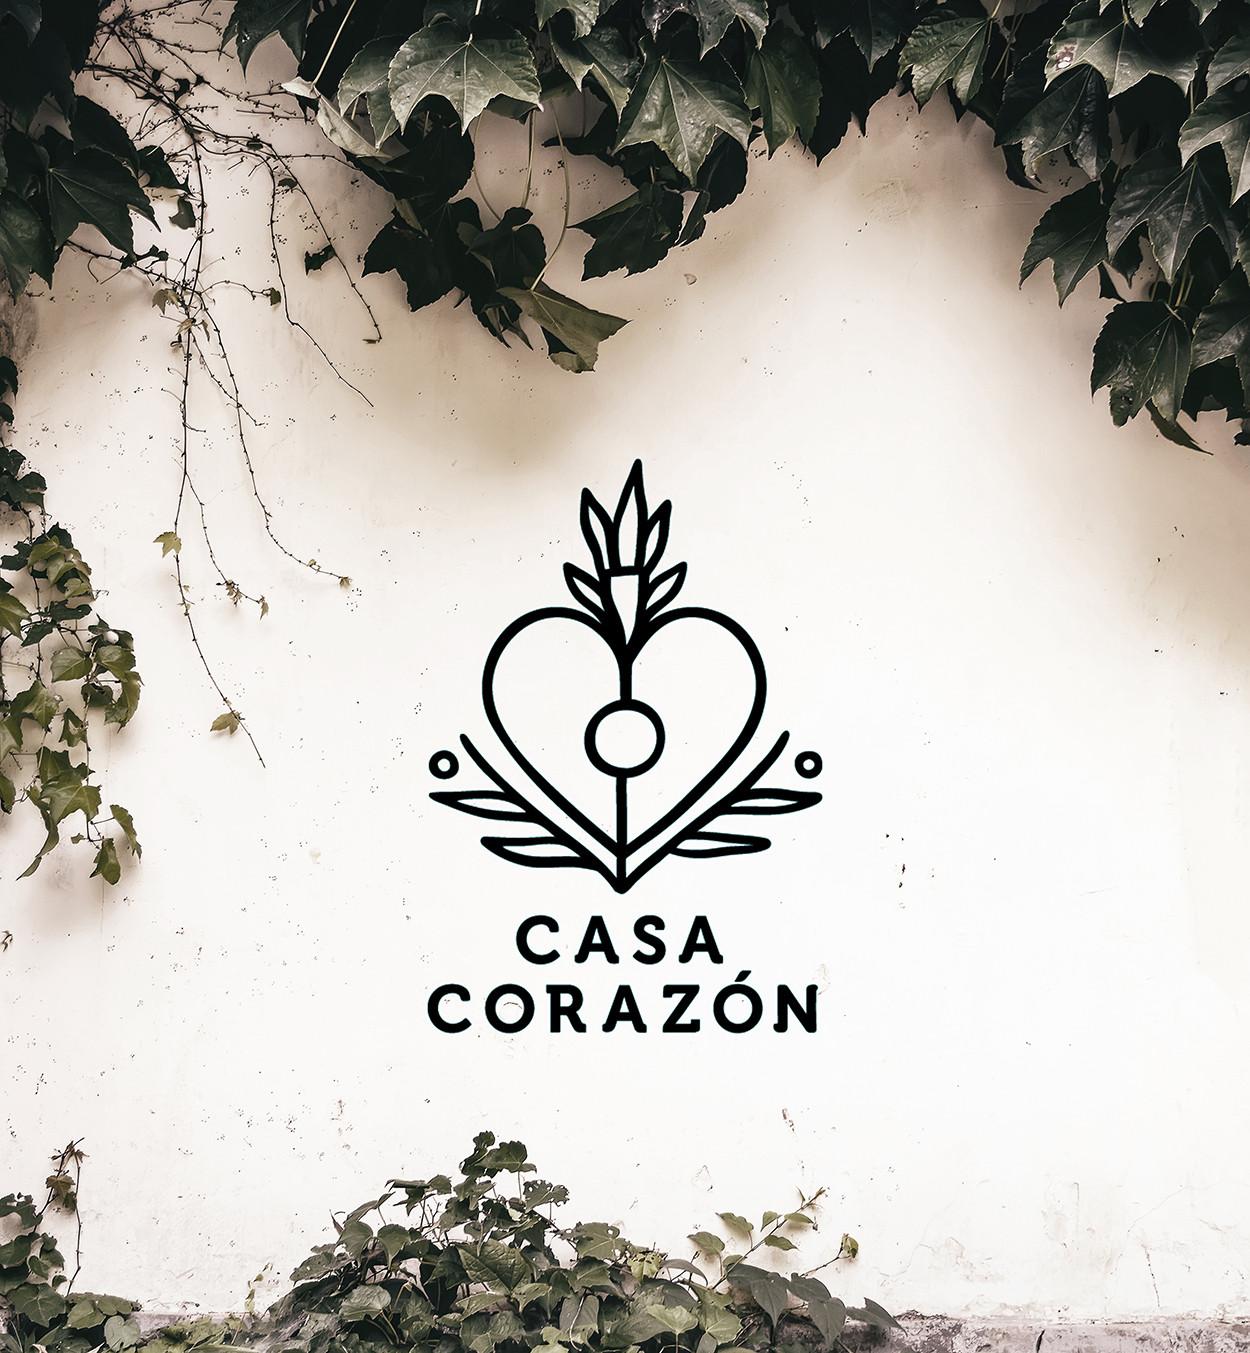 CasaCorazon_WallPlants.jpg